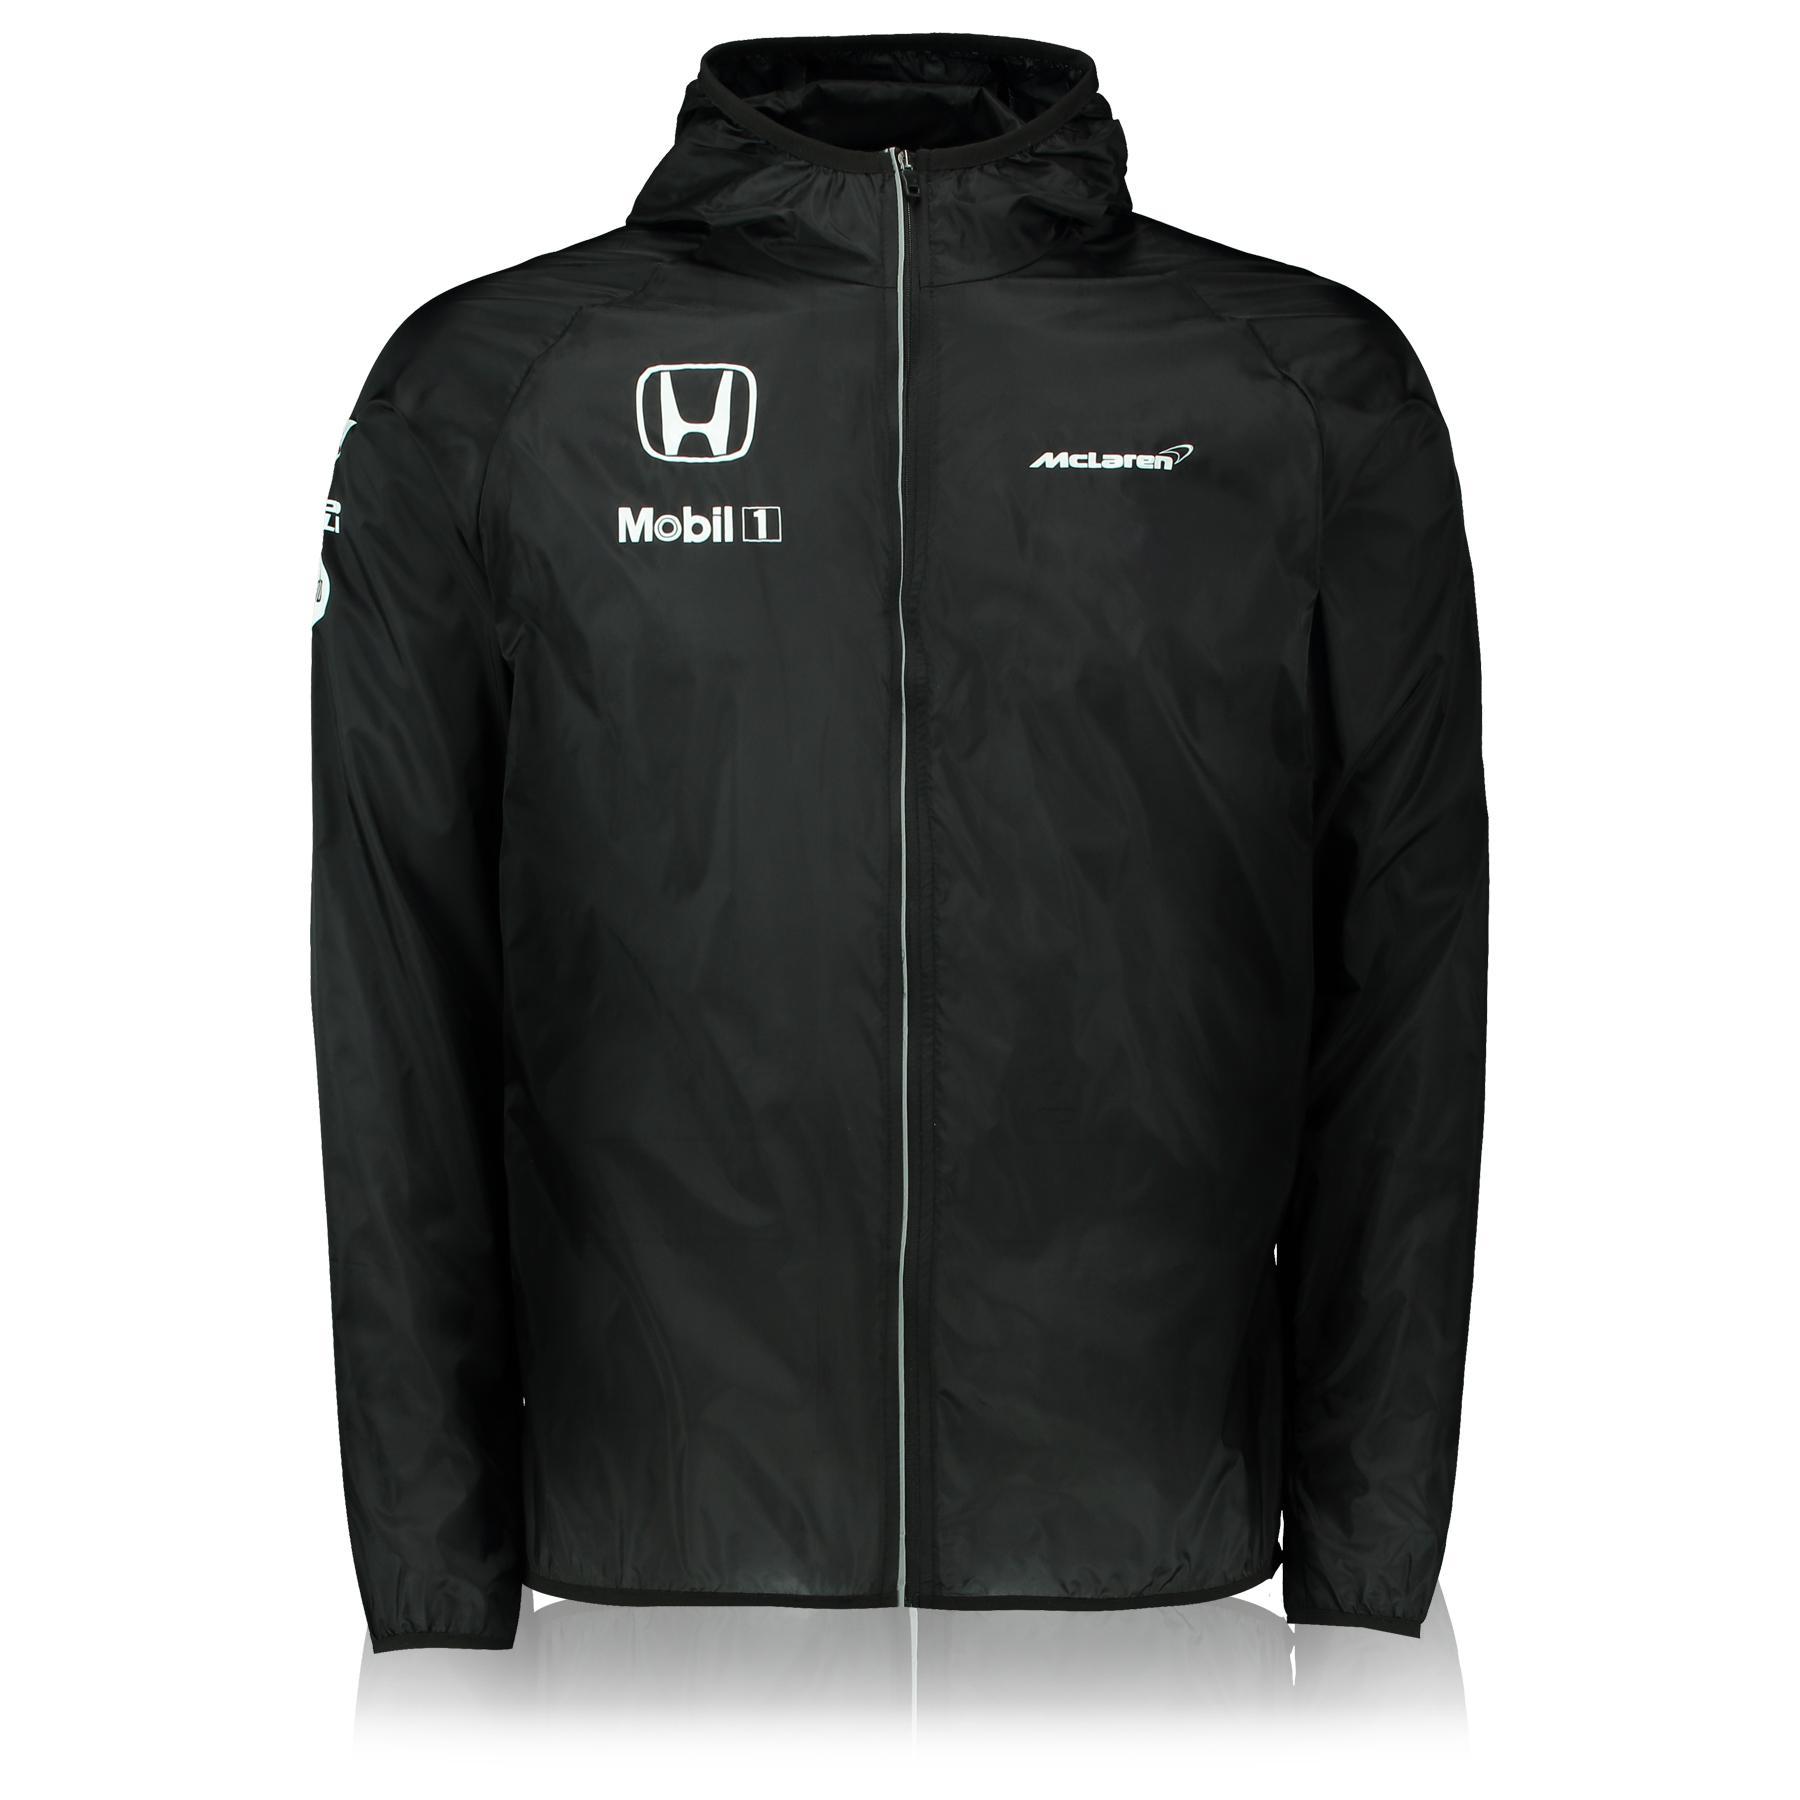 Veste imperméable McLaren Honda Team (Tailles S, M, XL et XXL)